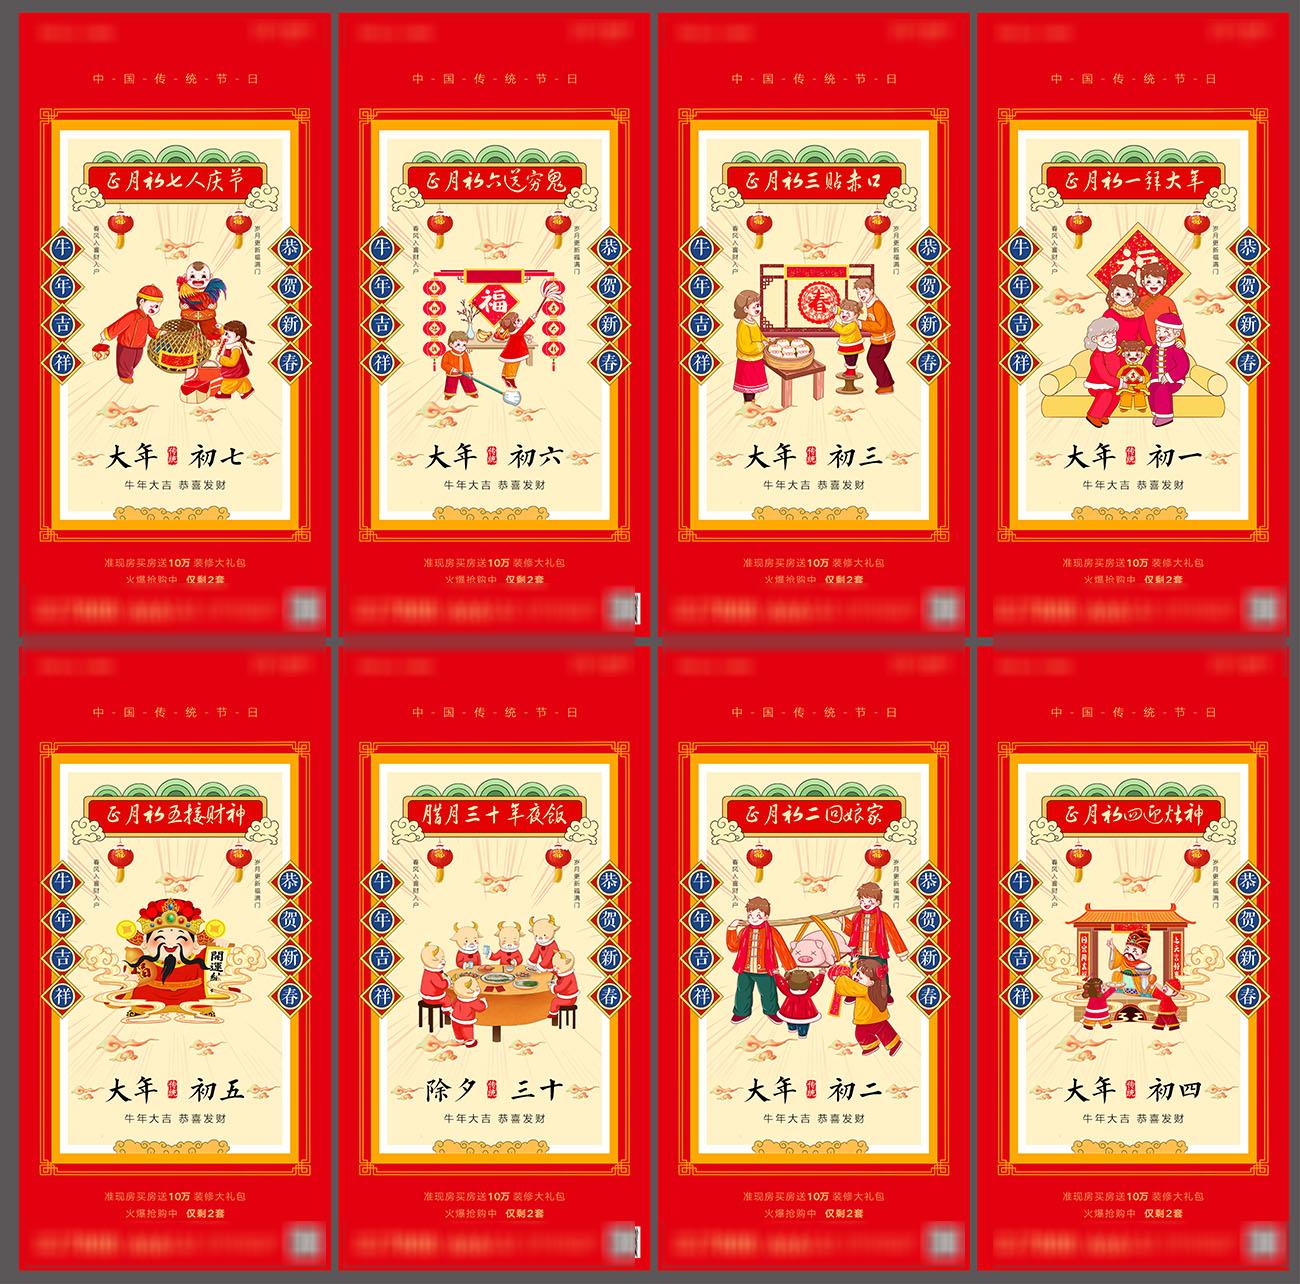 地产新年除夕初一到初七新春海报PSD源文件插图